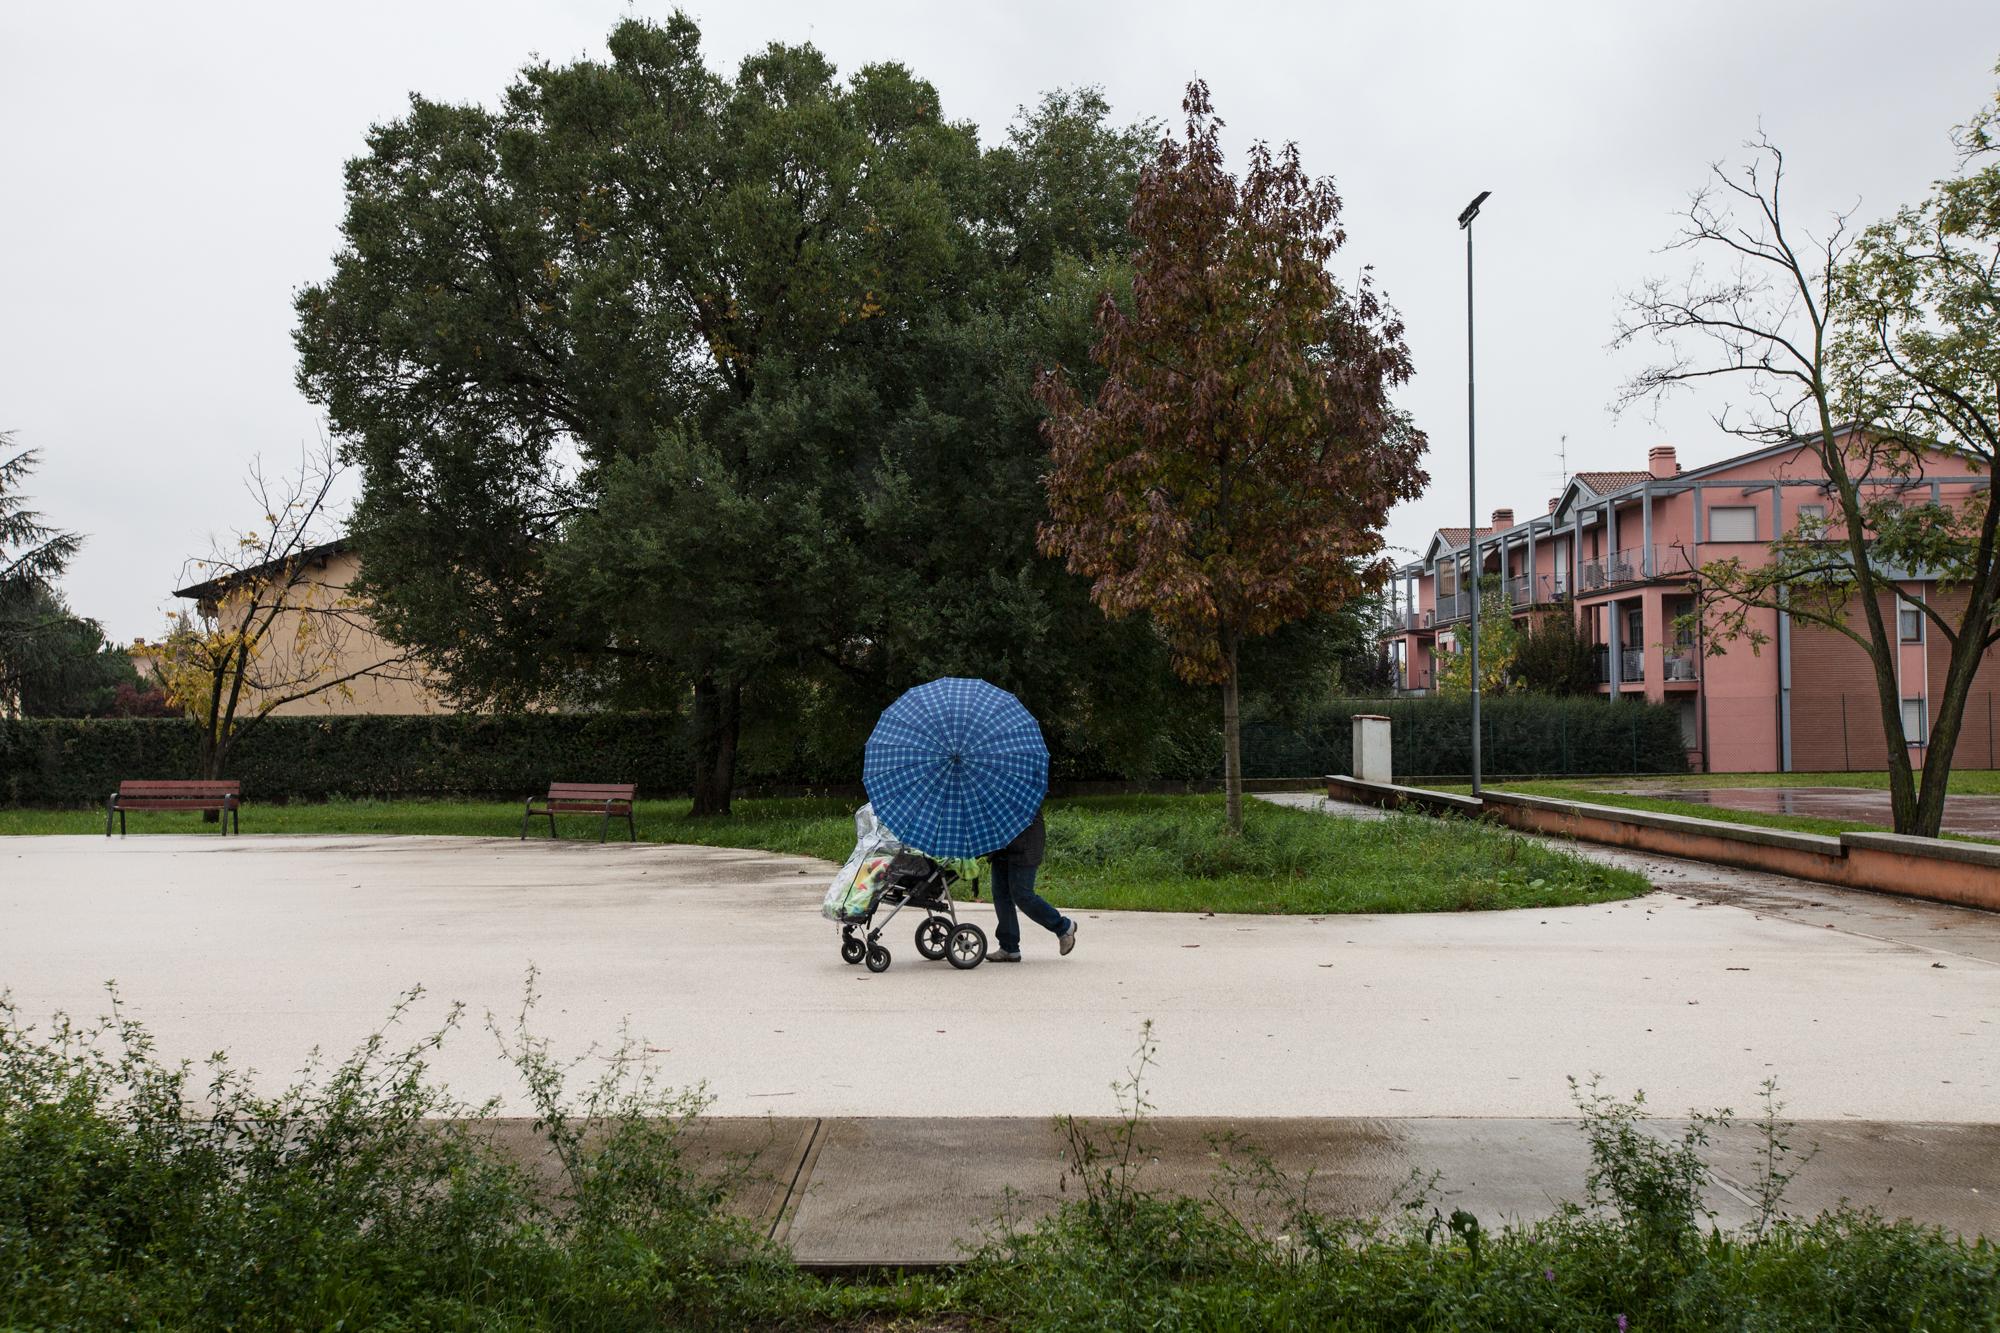 Piattaforma di cemento costruita nel giardino della Scuola Elementare Deledda di Brescia per consentire agli alunni di giocare all'aperto durante l'intervallo. E' proibito giocare sull'erba a causa della contaminazione da PCB.Brescia / Italia. Ottobre 2013